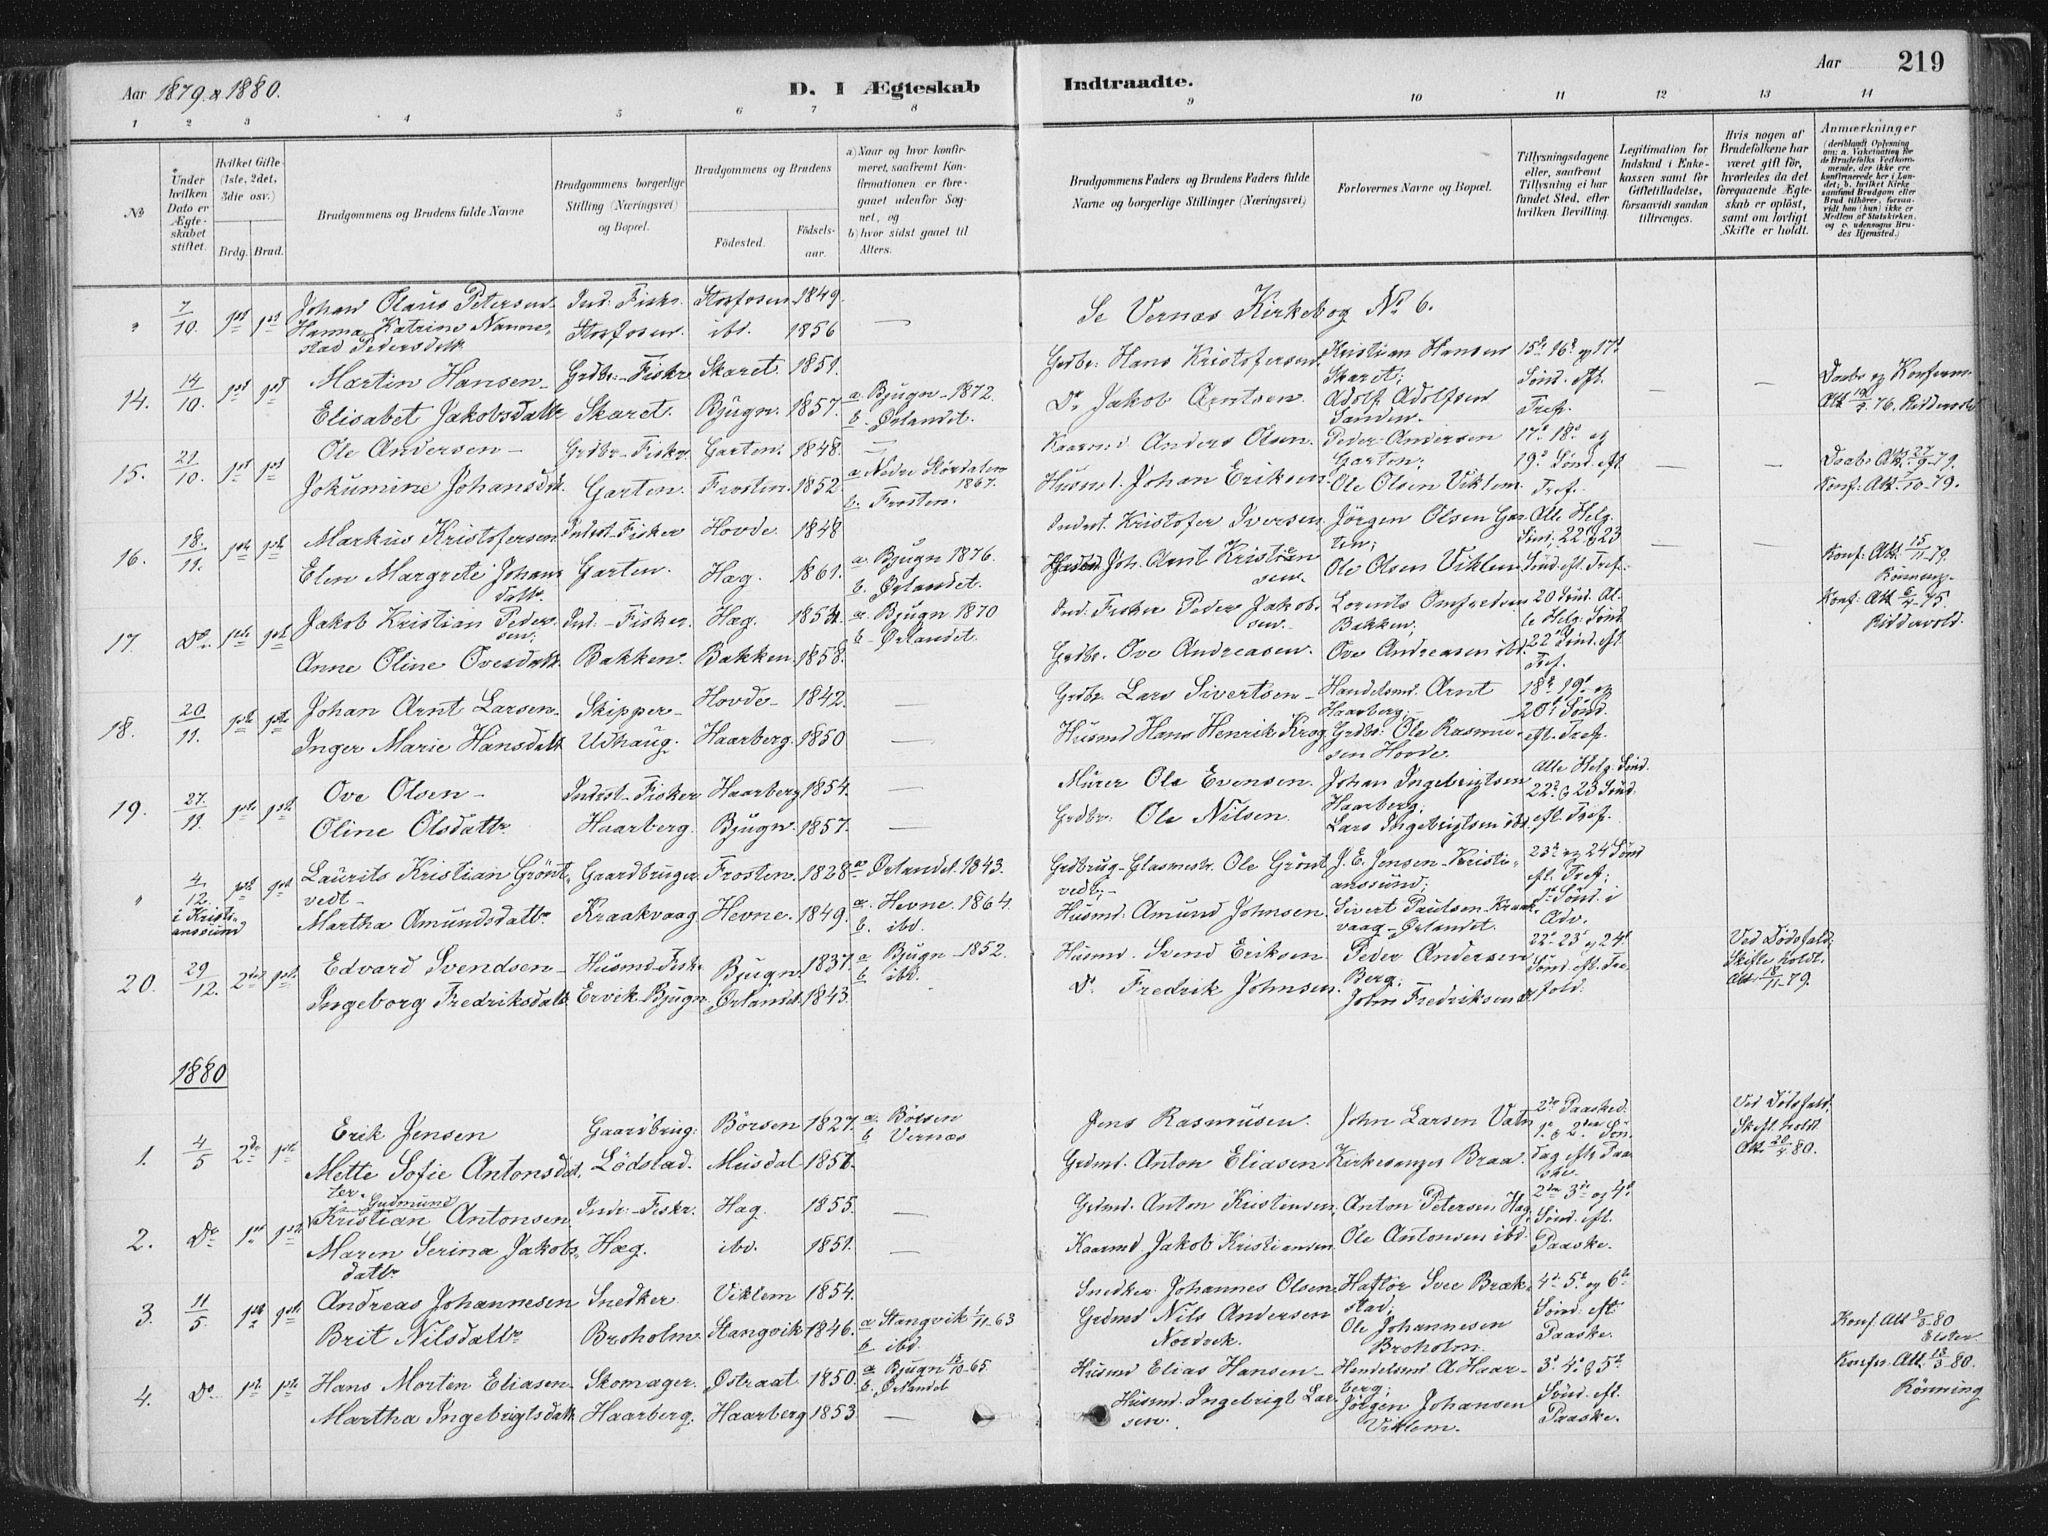 SAT, Ministerialprotokoller, klokkerbøker og fødselsregistre - Sør-Trøndelag, 659/L0739: Ministerialbok nr. 659A09, 1879-1893, s. 219